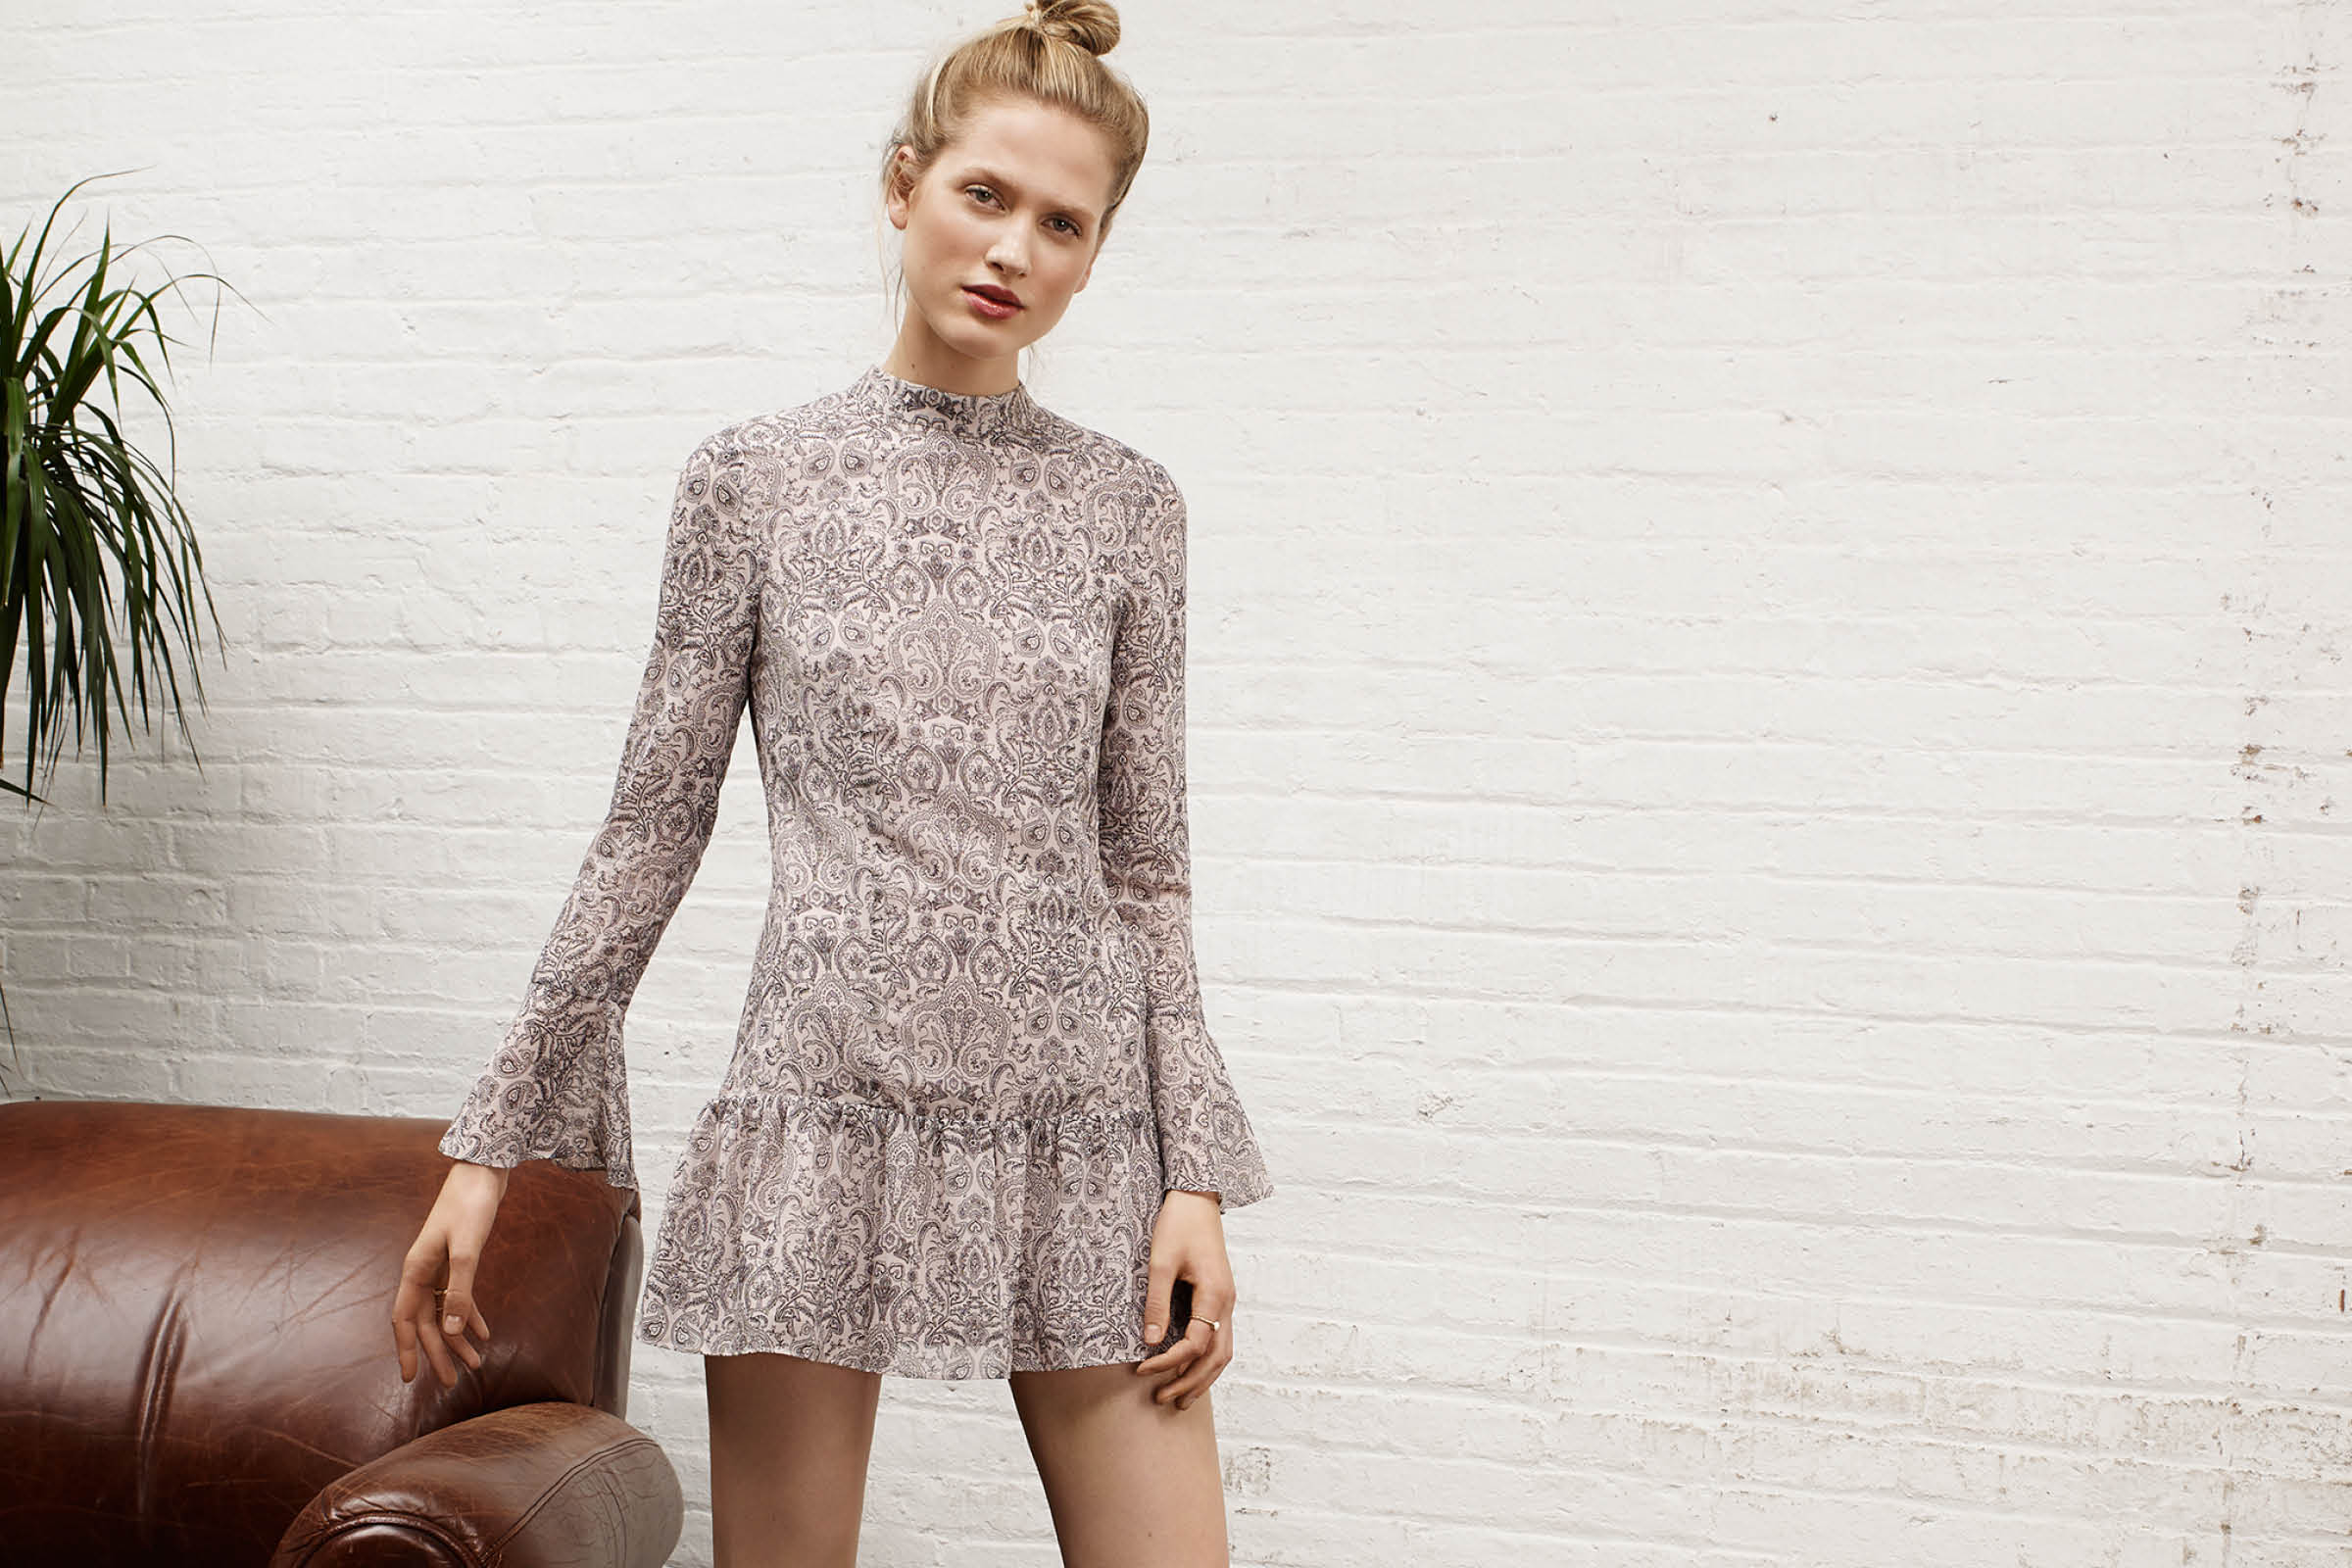 H&M collezione primavera 2016 (preview e trend)